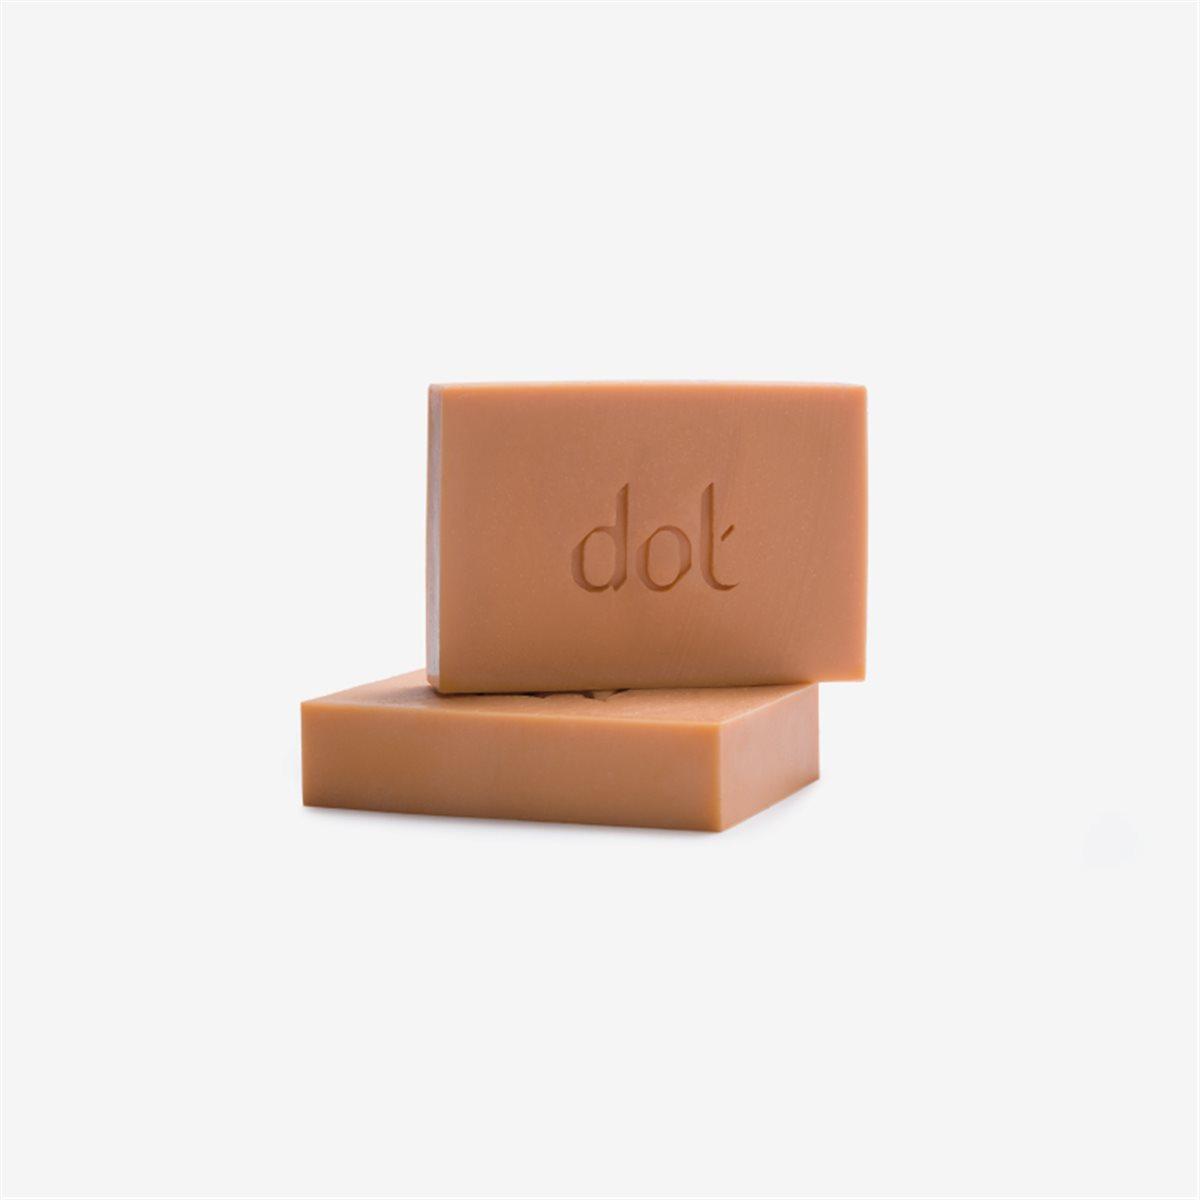 صابون هویج دُت مناسب برای پوست های خشک و حساس